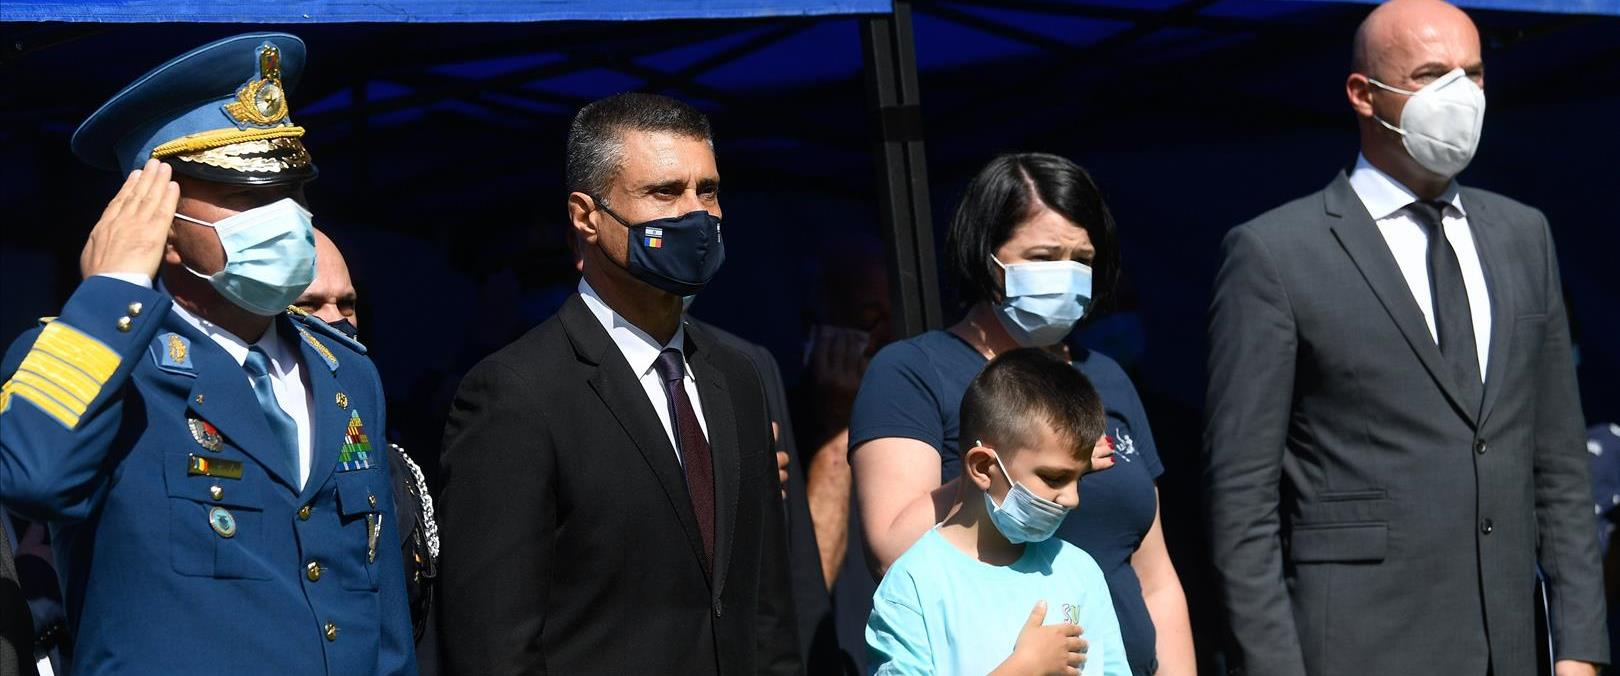 10 שנים לתאונת מסוק היסעור ברומניה